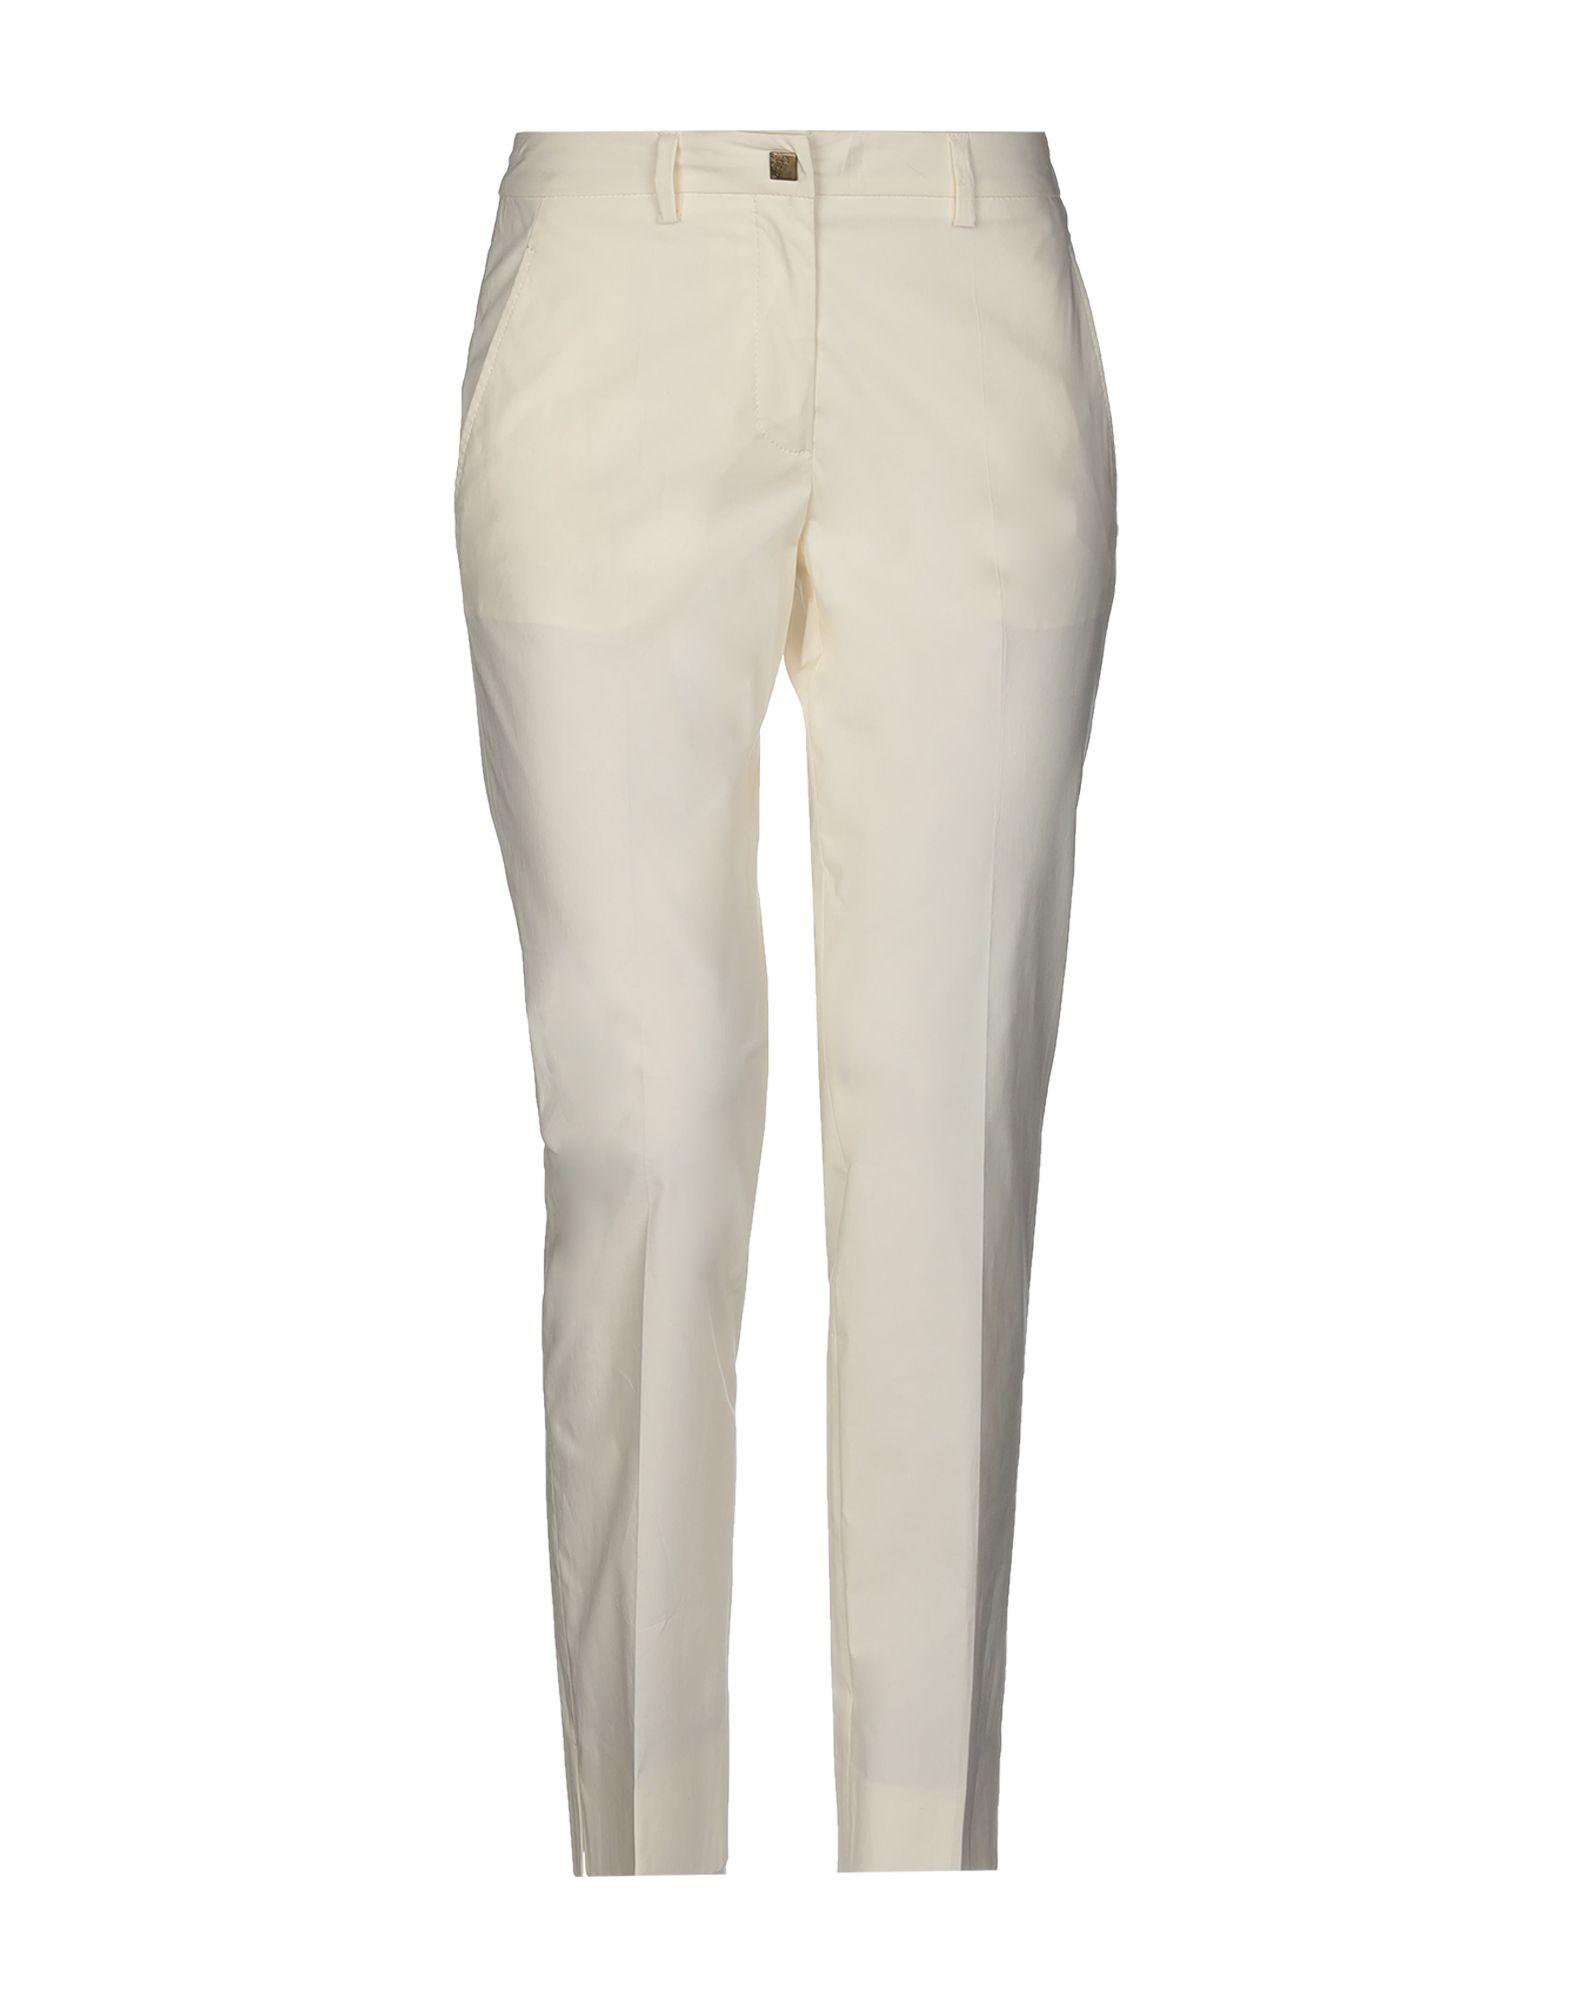 VERSACE COLLECTION Повседневные брюки playboy vip collection повседневные брюки мужские девятки брюки тонкие тонкие фитинги прямые брюки 1904 черный 34